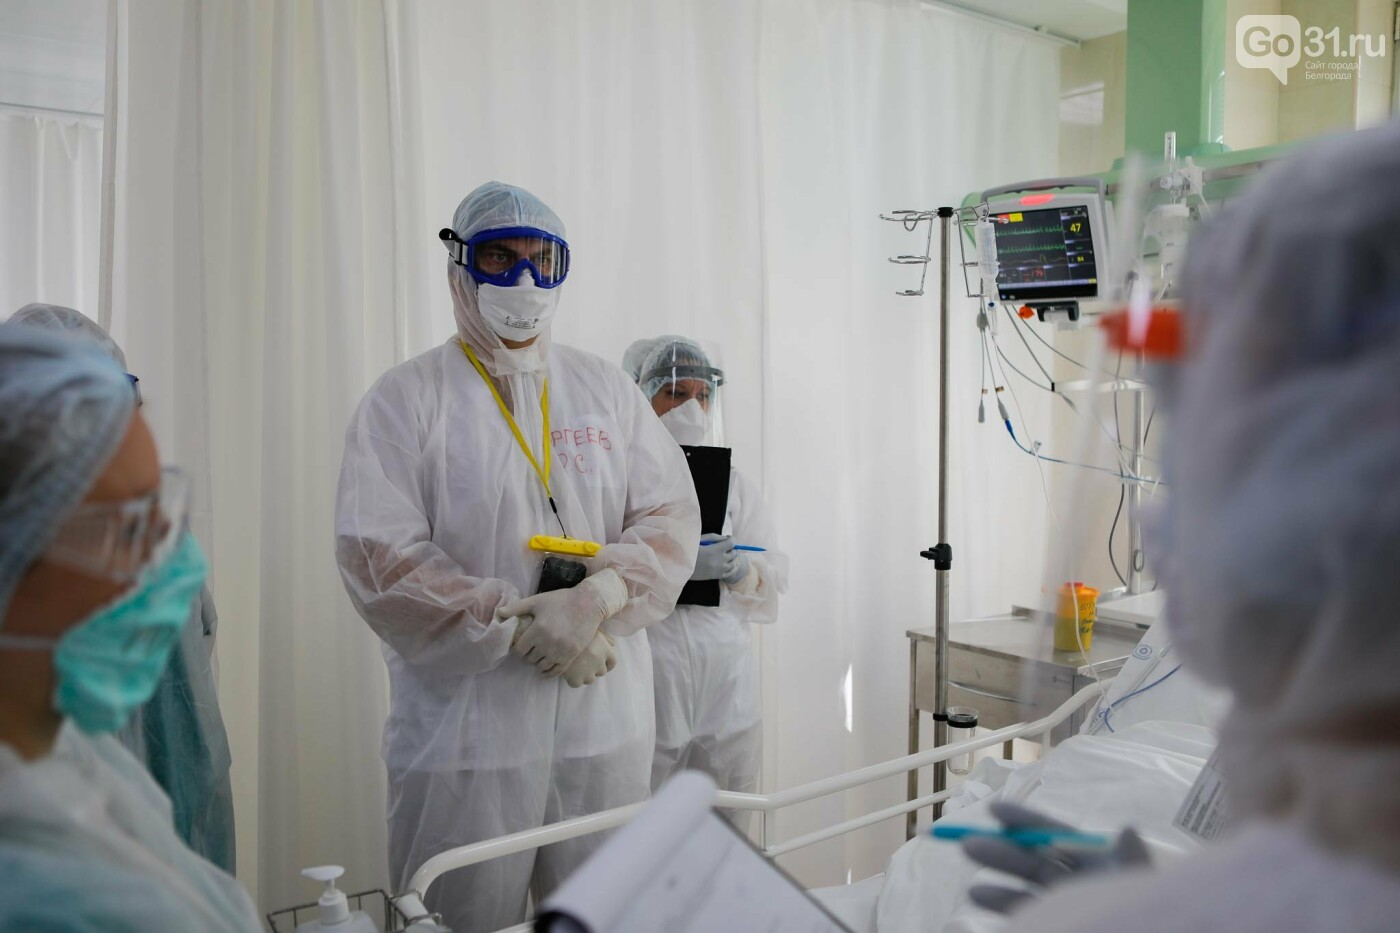 Что происходит в ковид-госпитале Белгорода. Фоторепортаж из «красной» зоны, фото-15, Фото: Антон Вергун